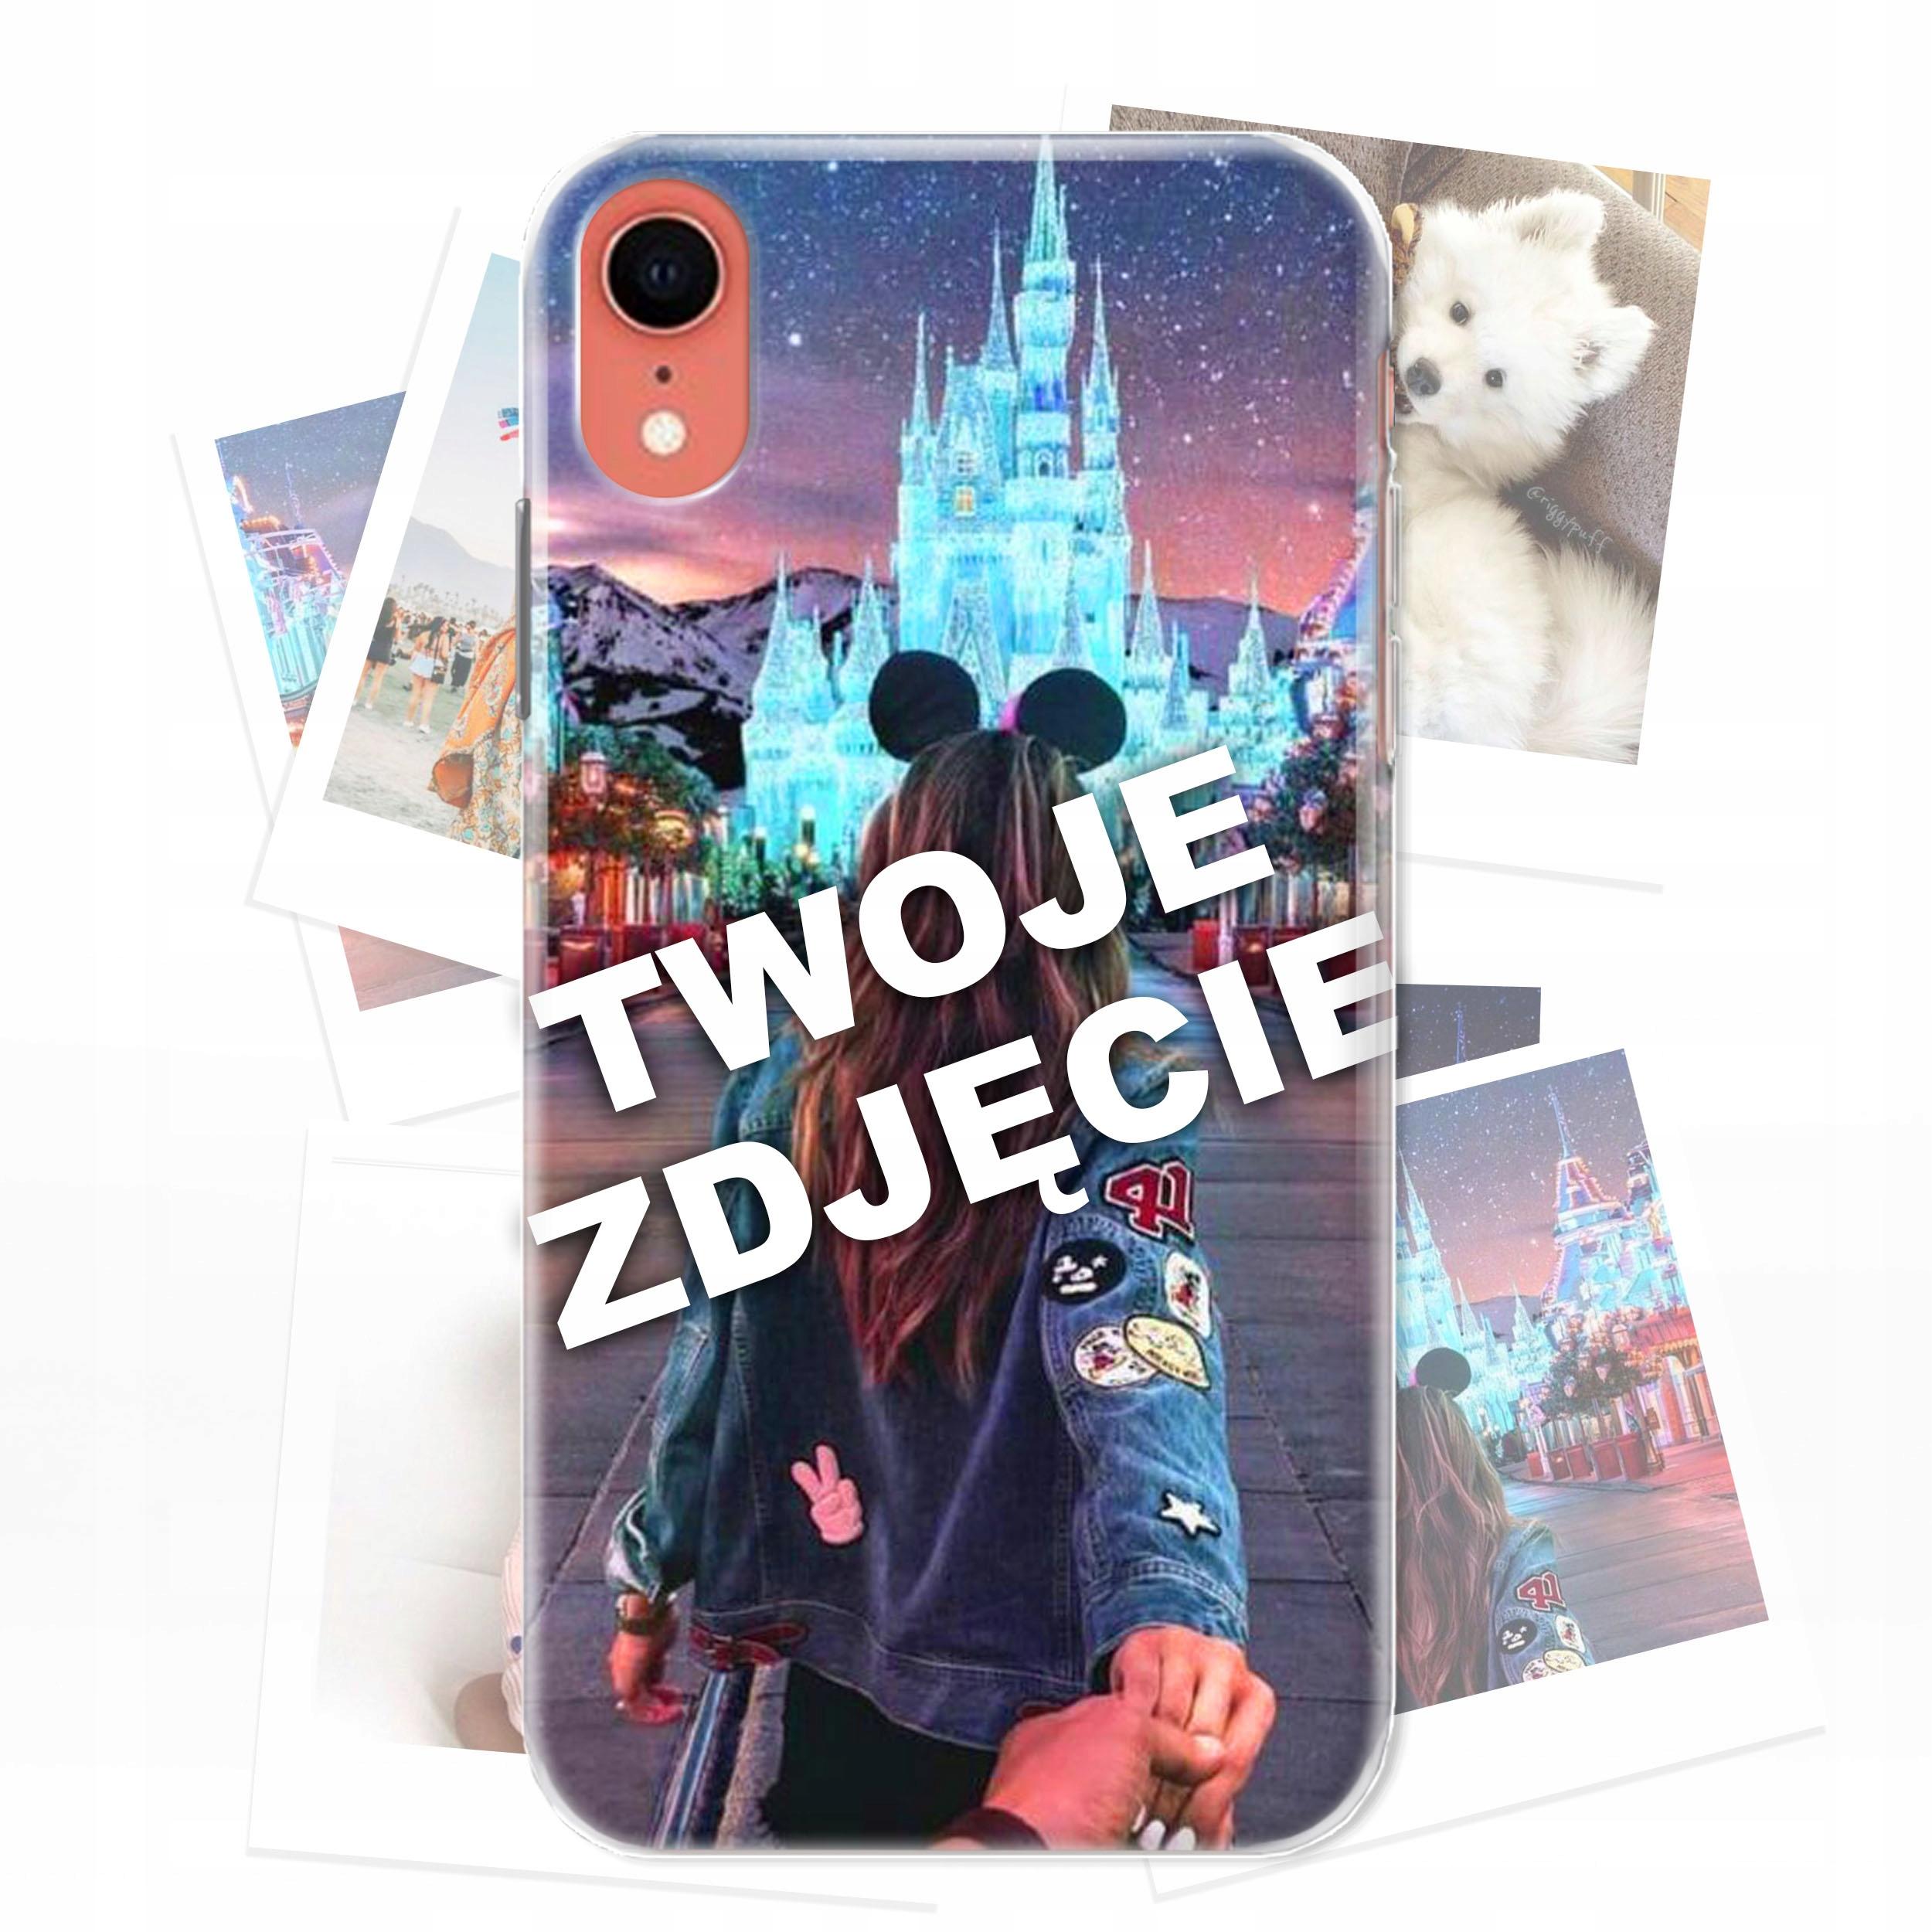 Zaprojektuj Etui Do Iphone 7 8 Zdjeciem Szklo 8455886885 Sklep Internetowy Agd Rtv Telefony Laptopy Allegro Pl